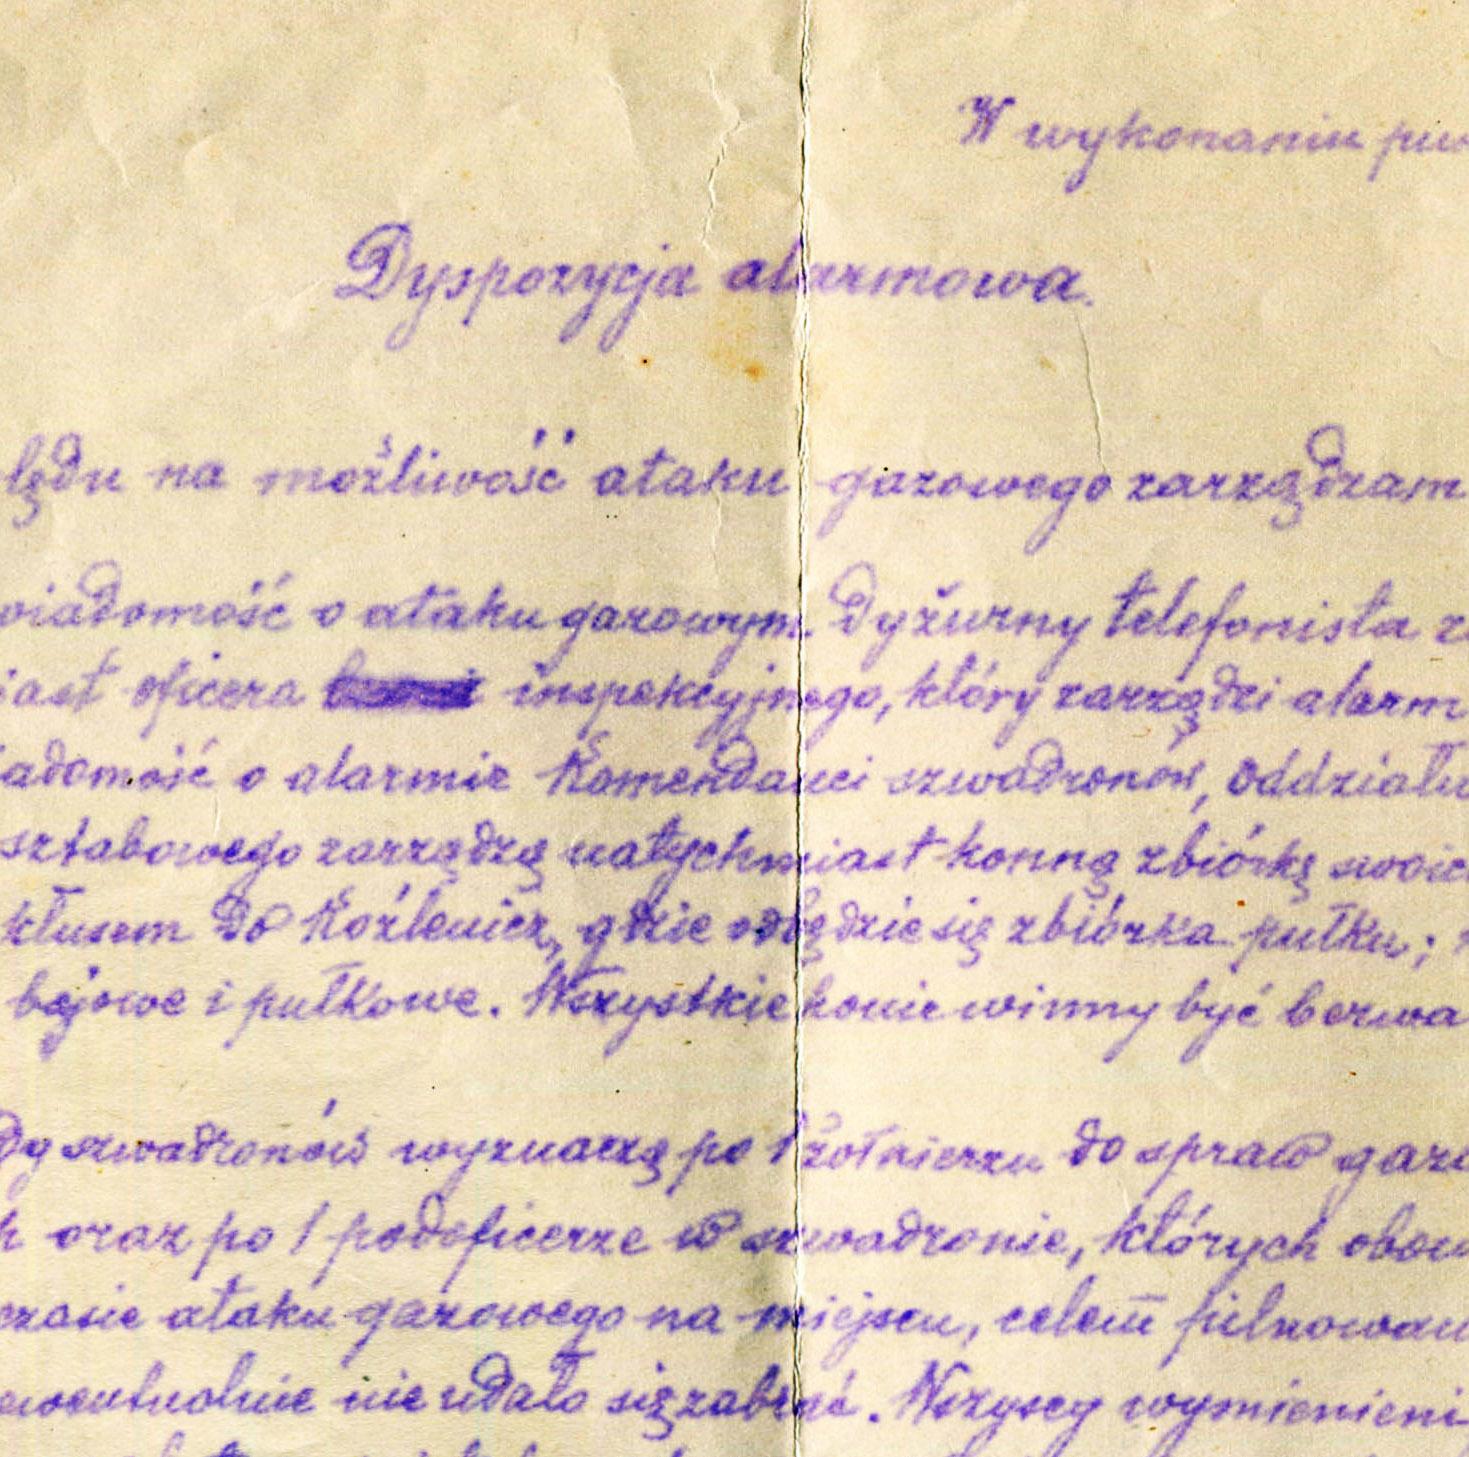 Rtm. Belina-Prażmowski: dyspozycja alarmowa dla 1 P.U.